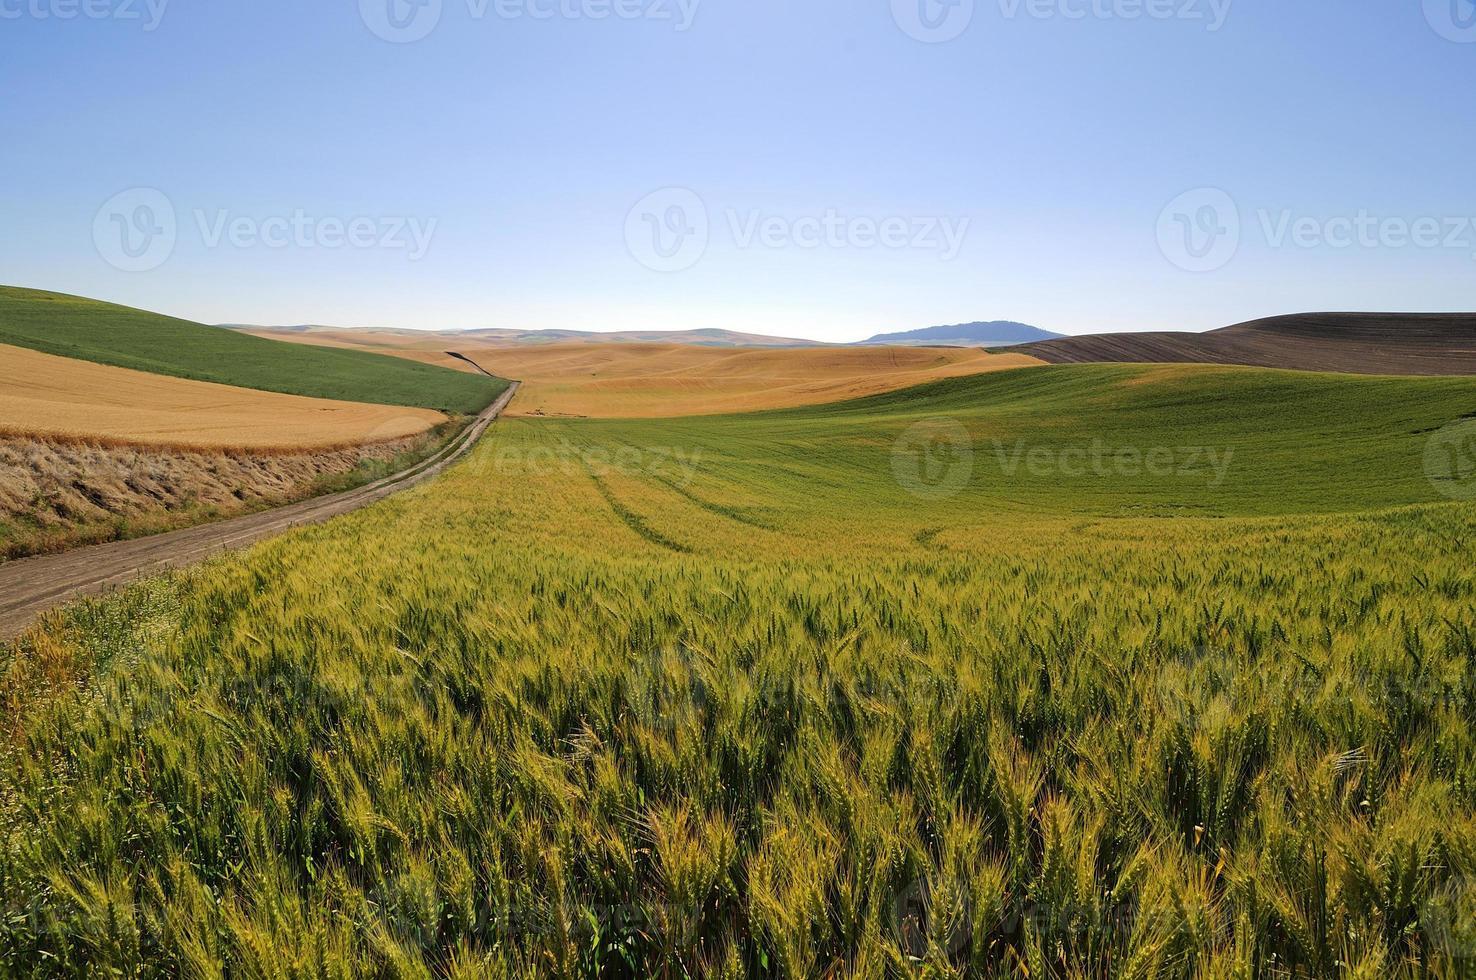 campos de trigo, cebada y soja a lo largo de un camino rural foto